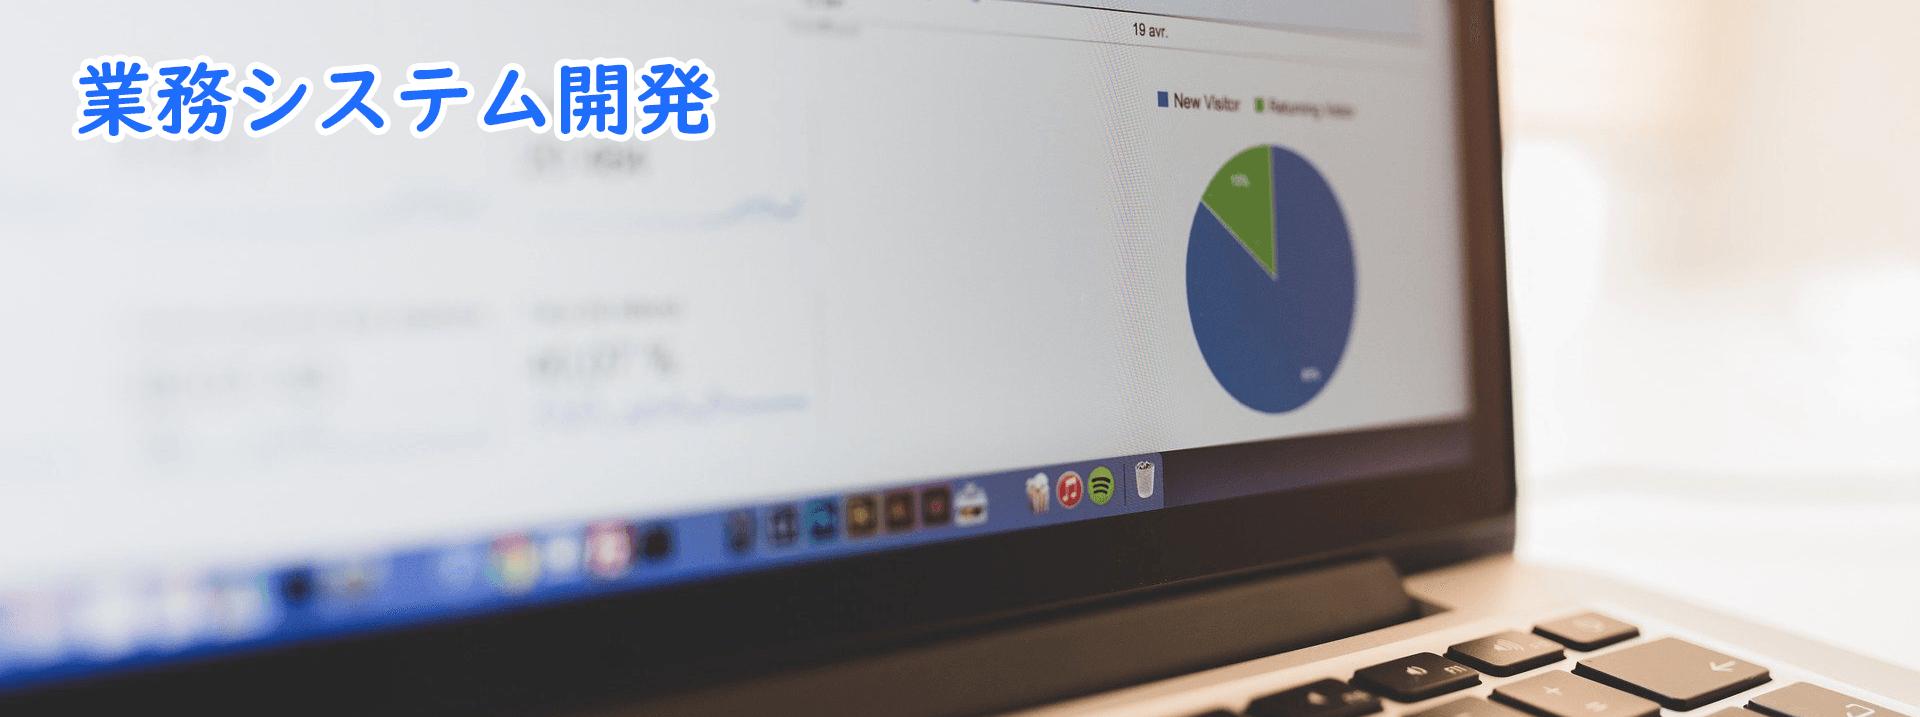 事業内容 - 業務システム開発